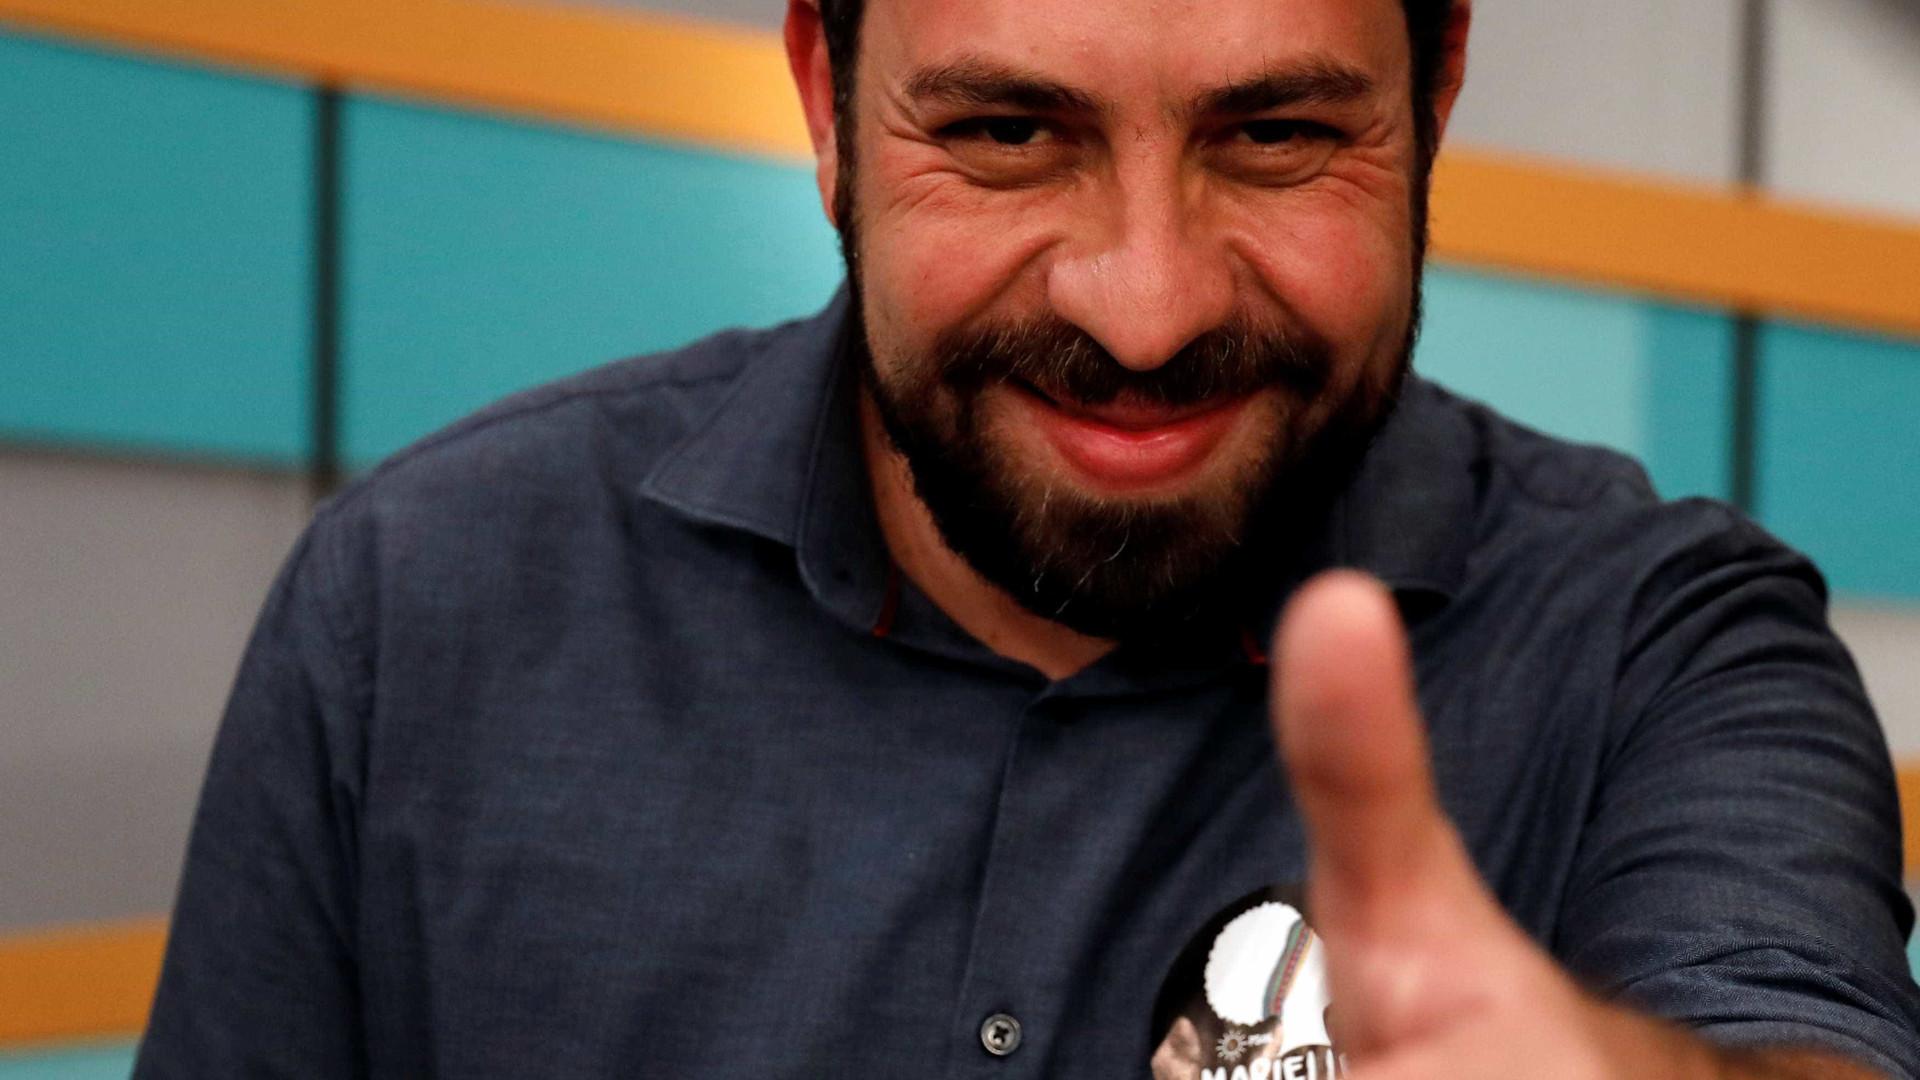 Contra 'exílio ou cadeia', Boulos convoca para manifestações